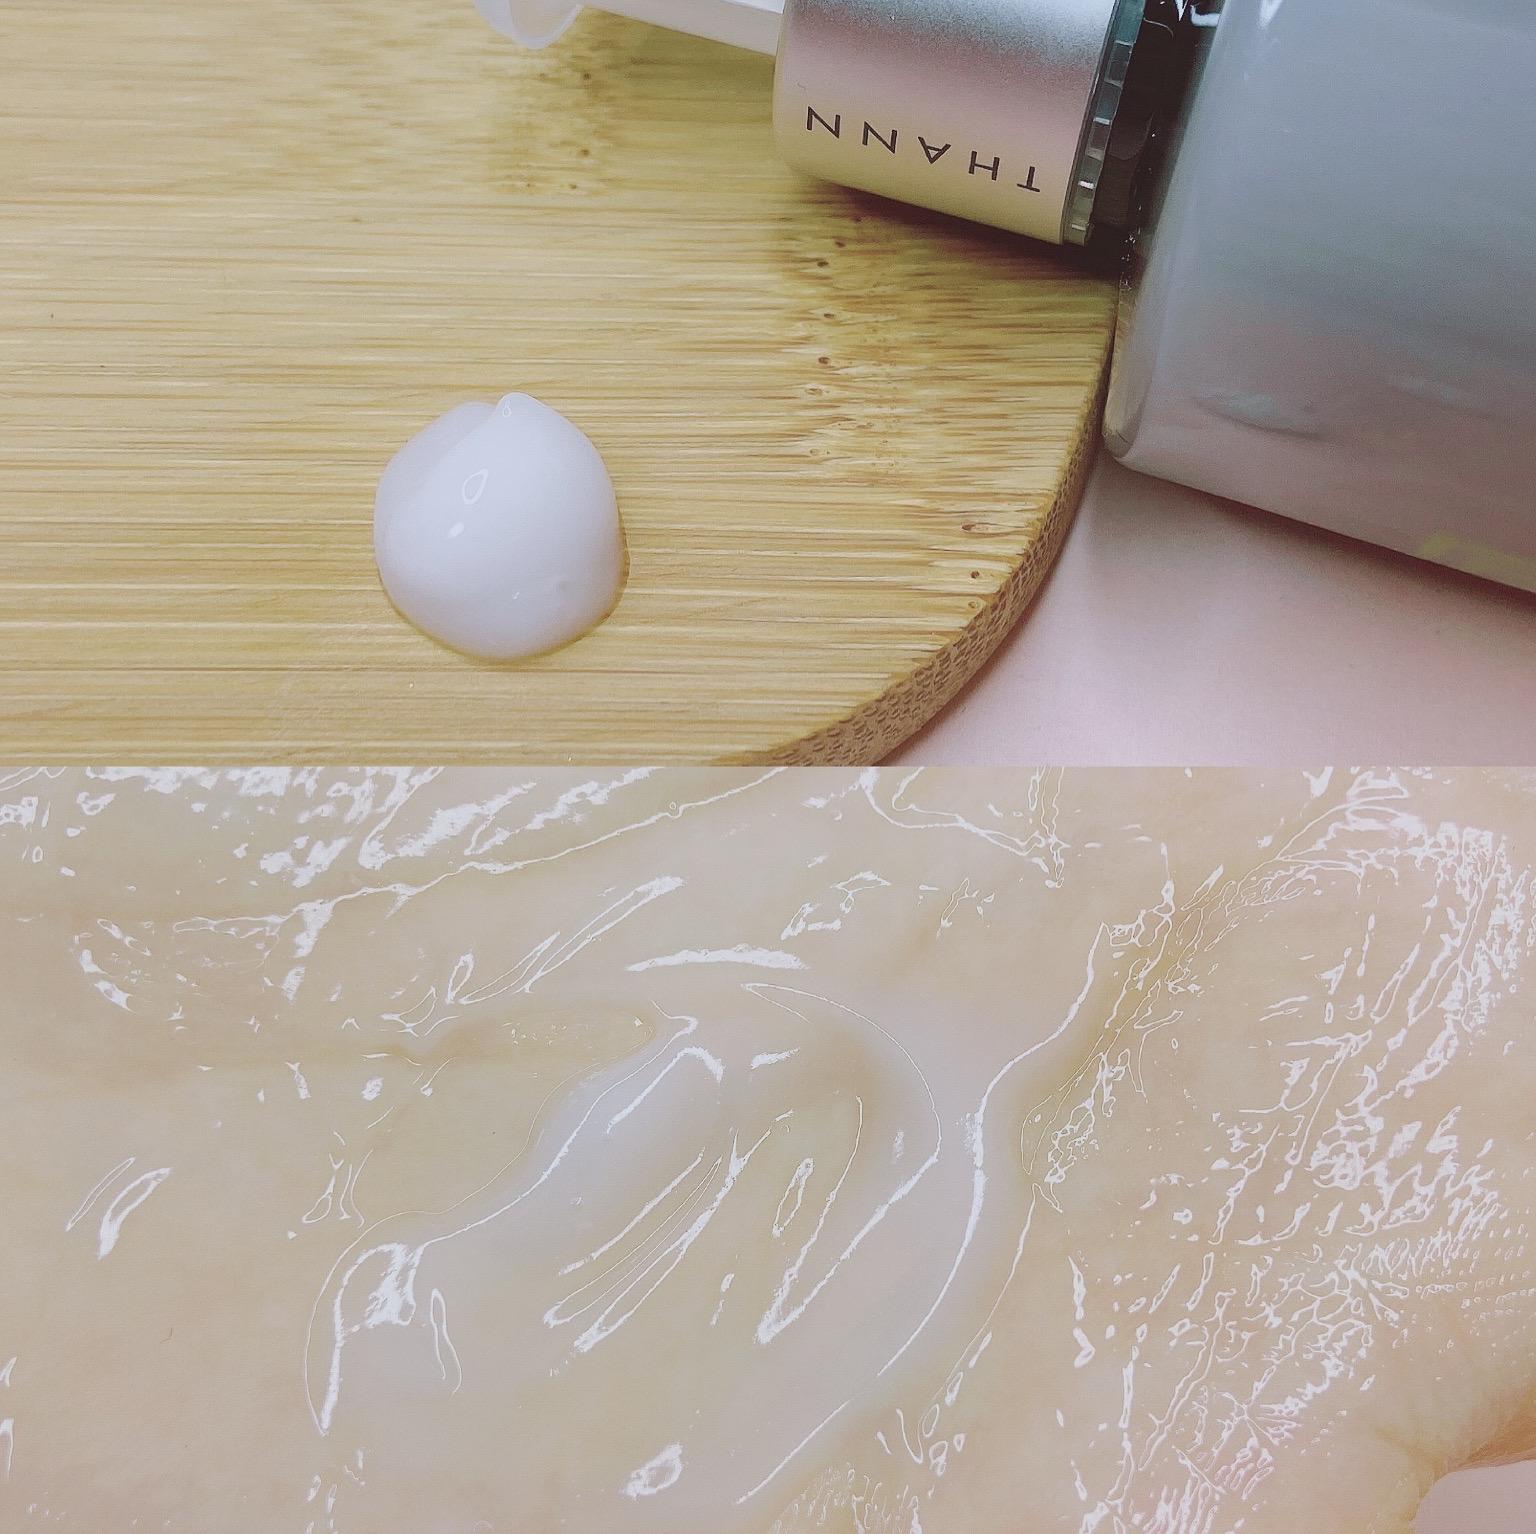 肌肤敏感?也许你可以试试这几款温和的洁面